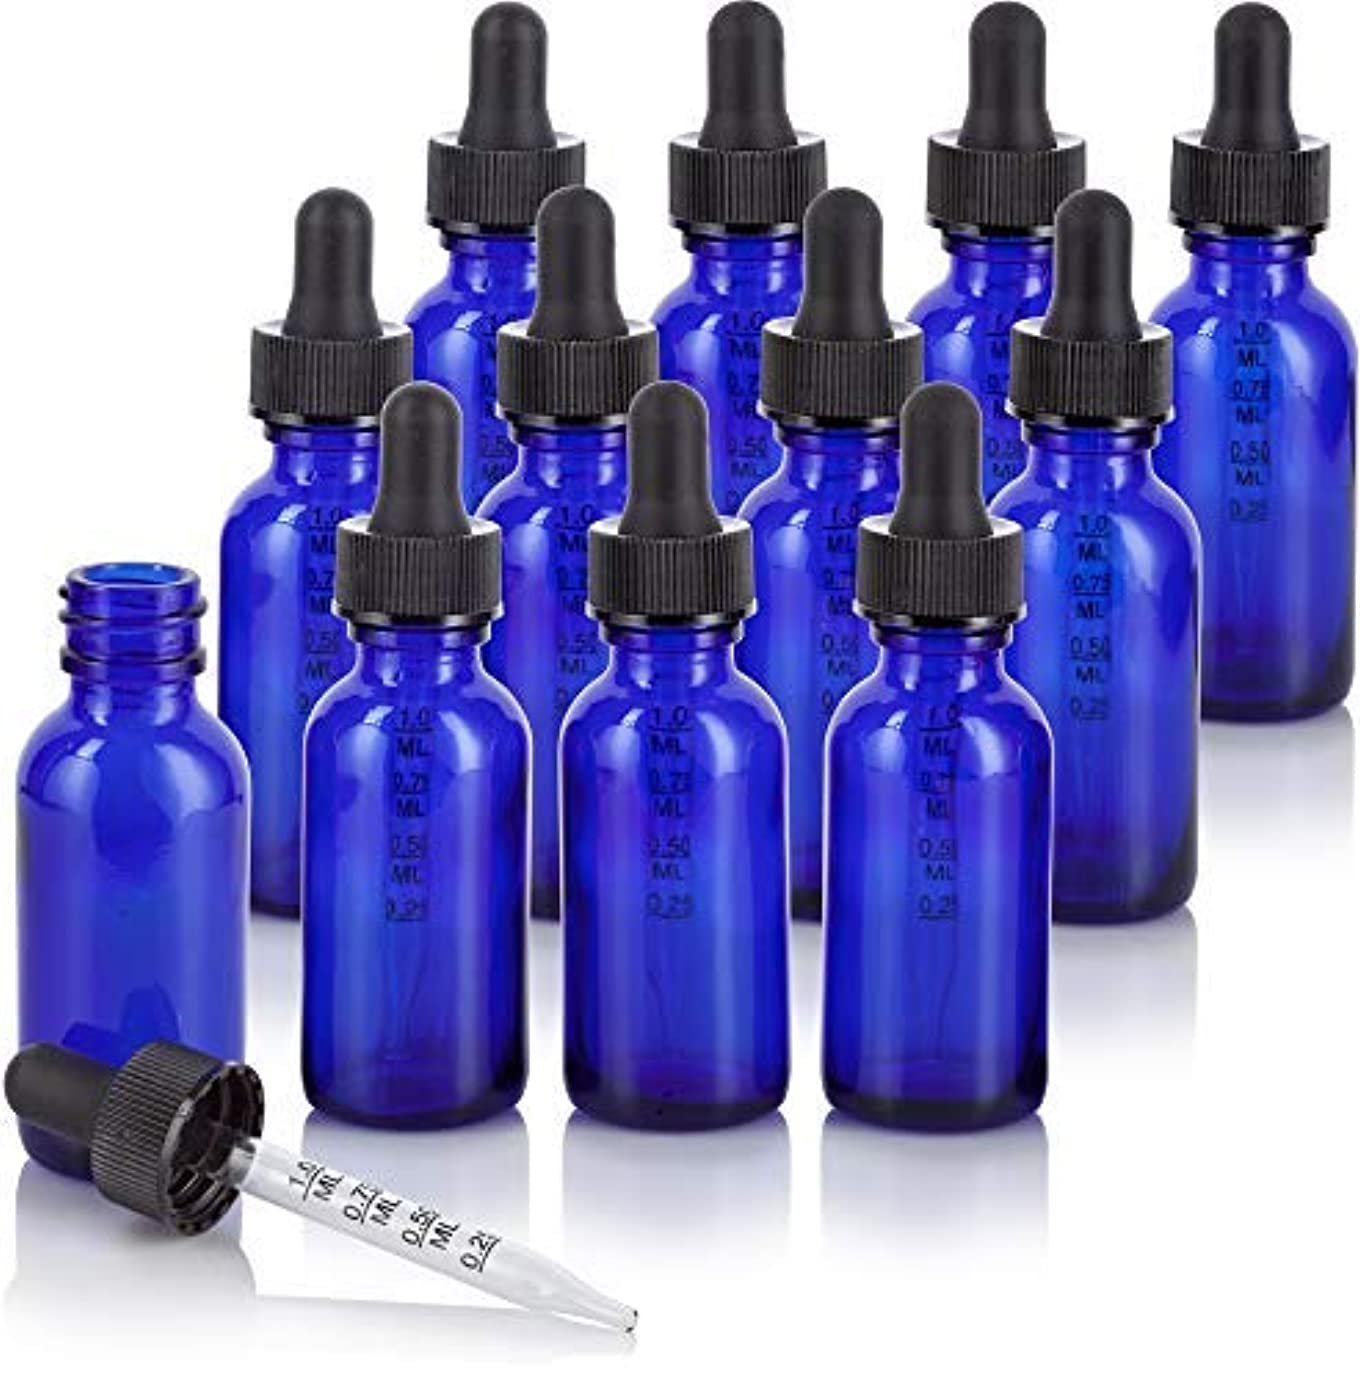 フェローシップロンドンアイデア1 oz Cobalt Blue Glass Boston Round Graduated Measurement Glass Dropper Bottle (12 pack) + Funnel for essential...